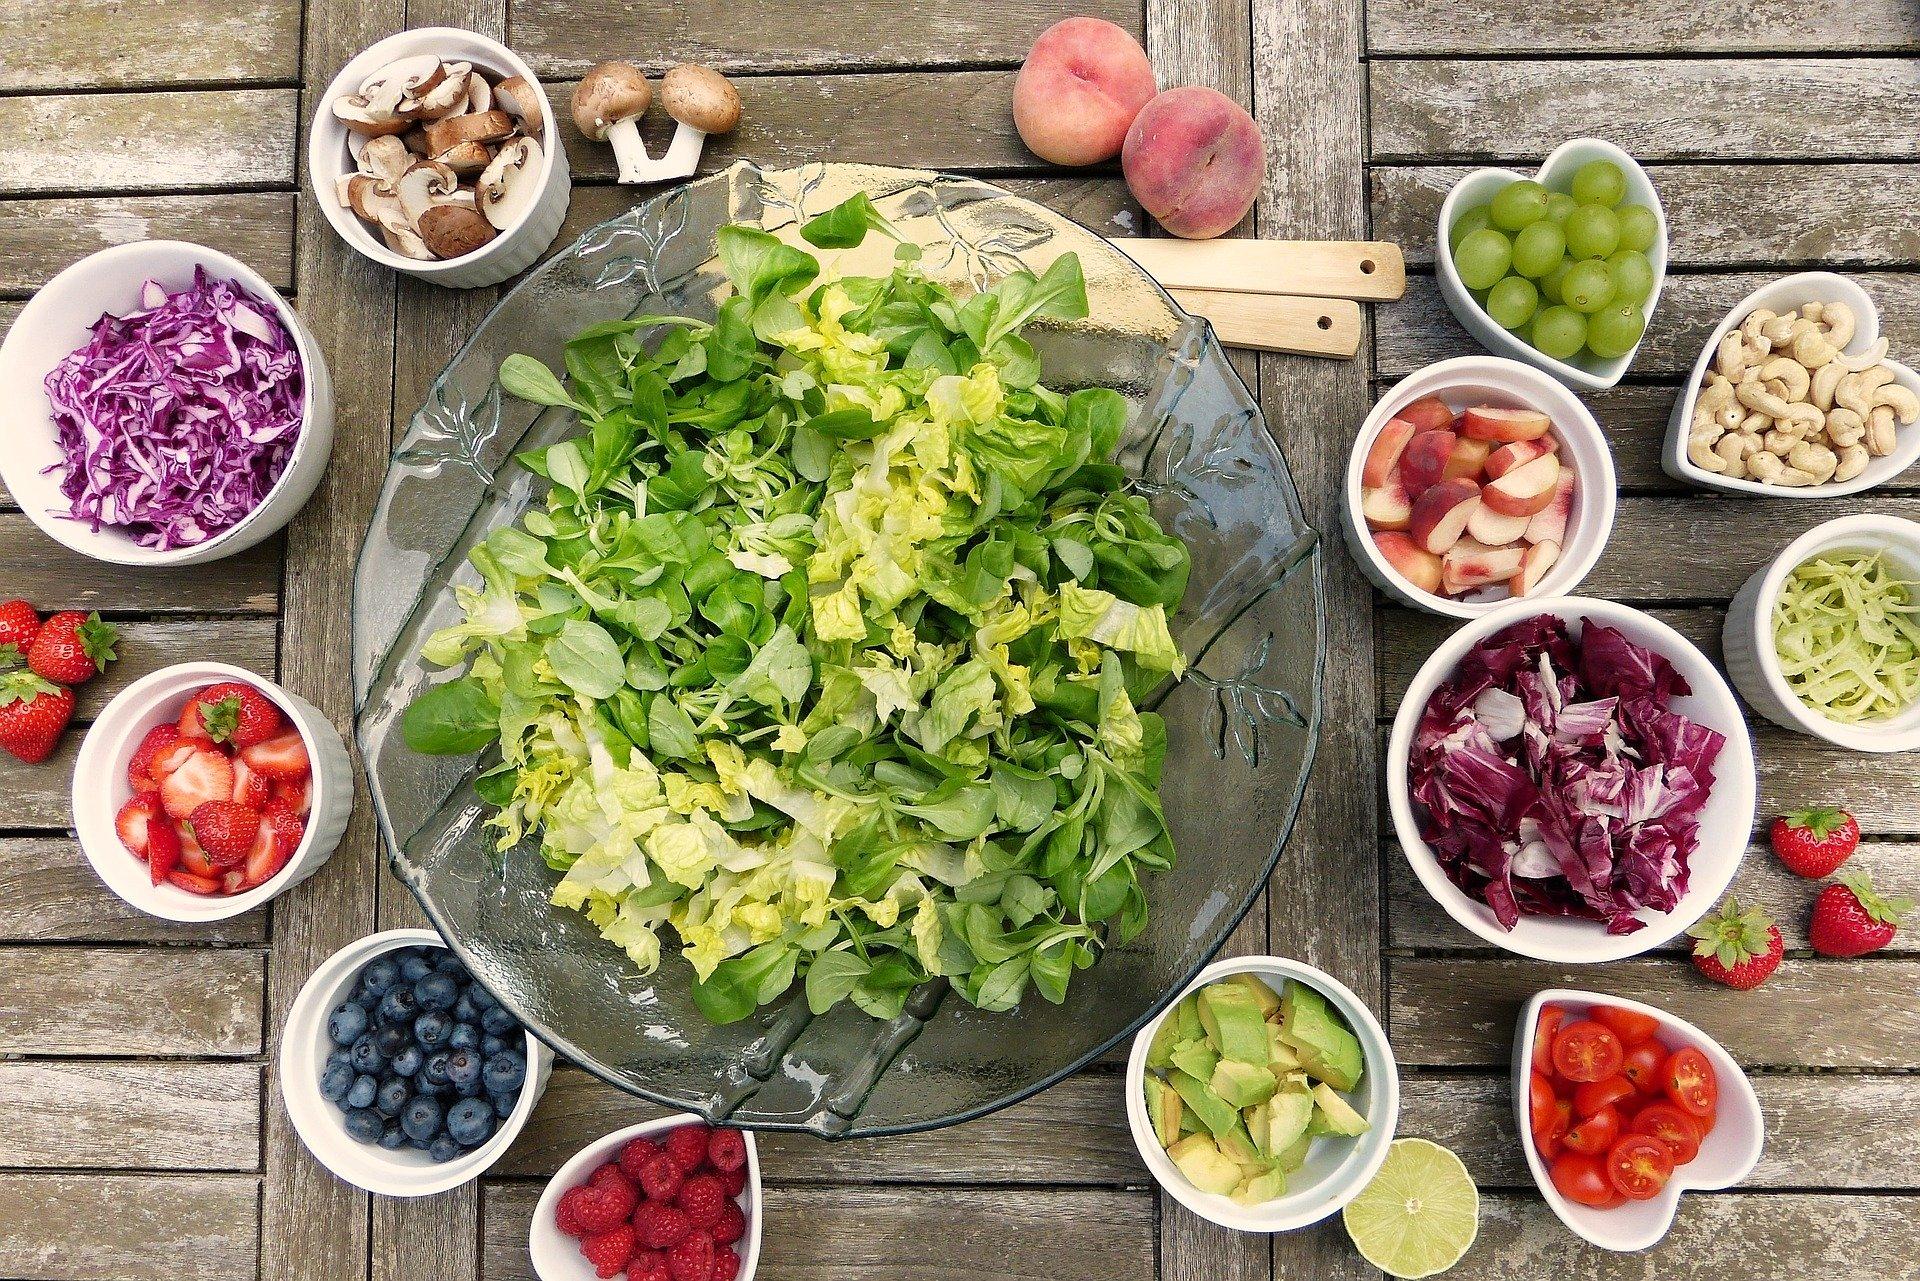 Conseils nutritionnels généraux en cas d'obésité : plus que 'moins'